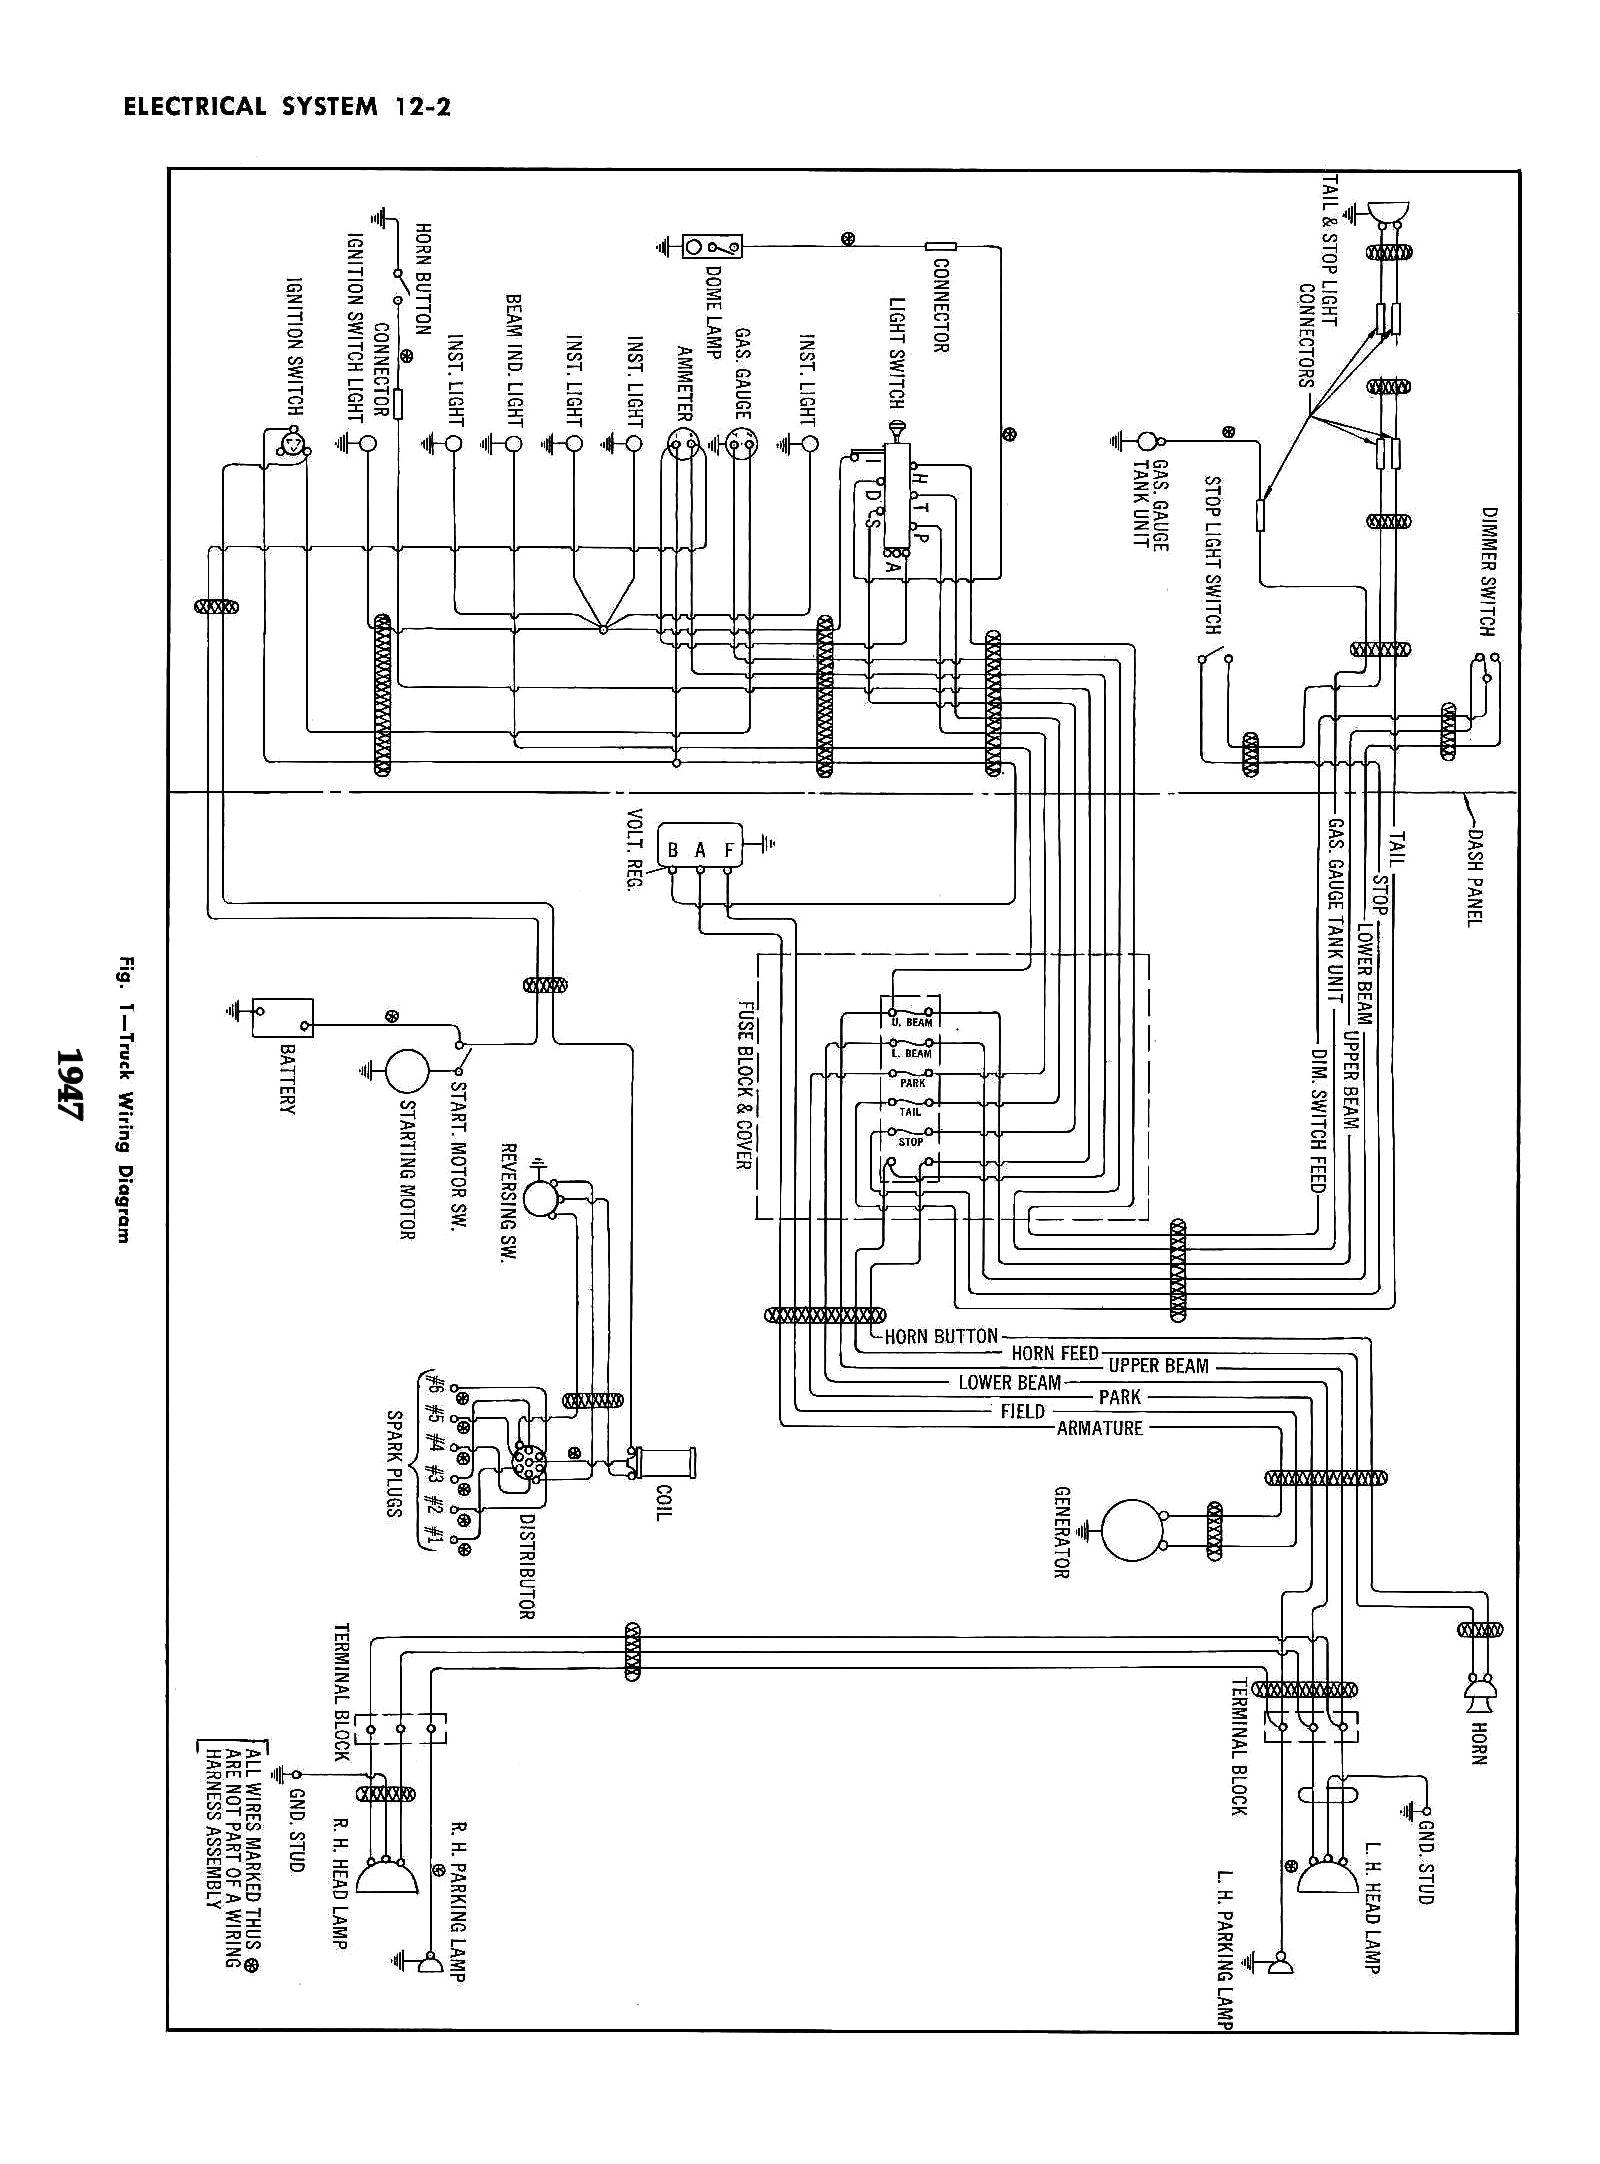 Berhinger Pm Wiring Diagram